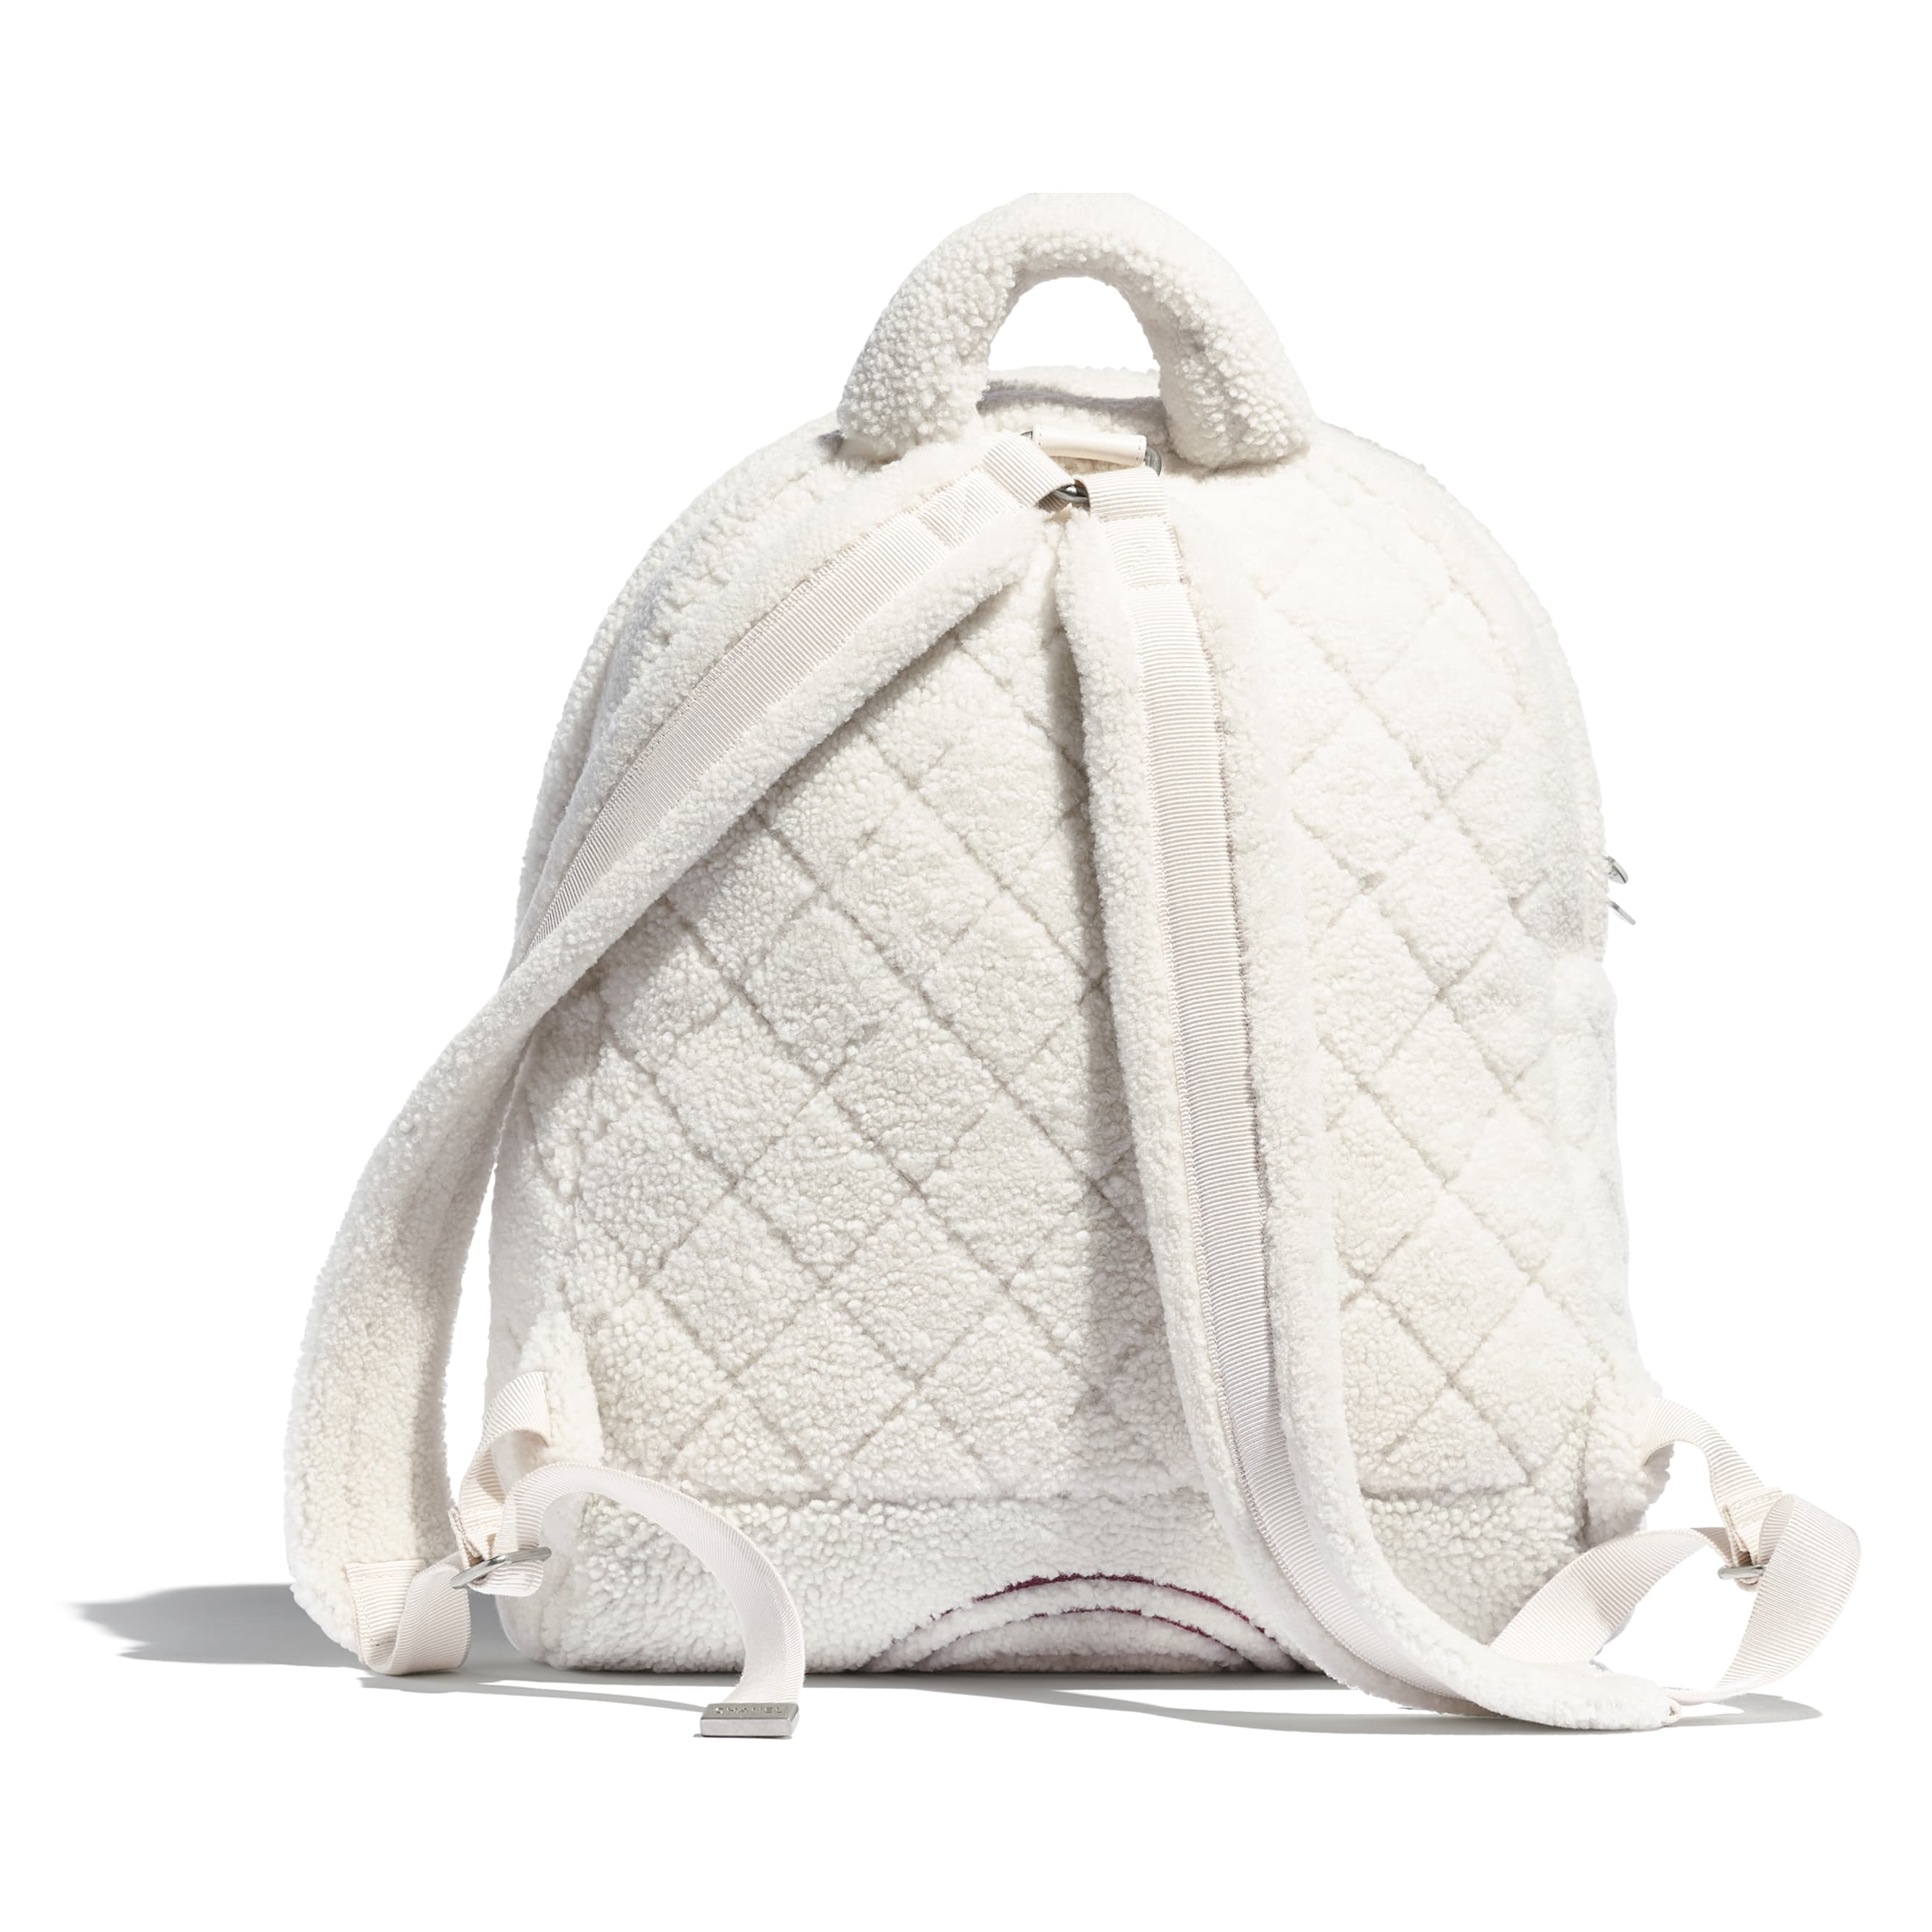 Рюкзак - Белый, бордовый и бежевый - Овчина и серебристый металл - Альтернативный вид - посмотреть изображение стандартного размера